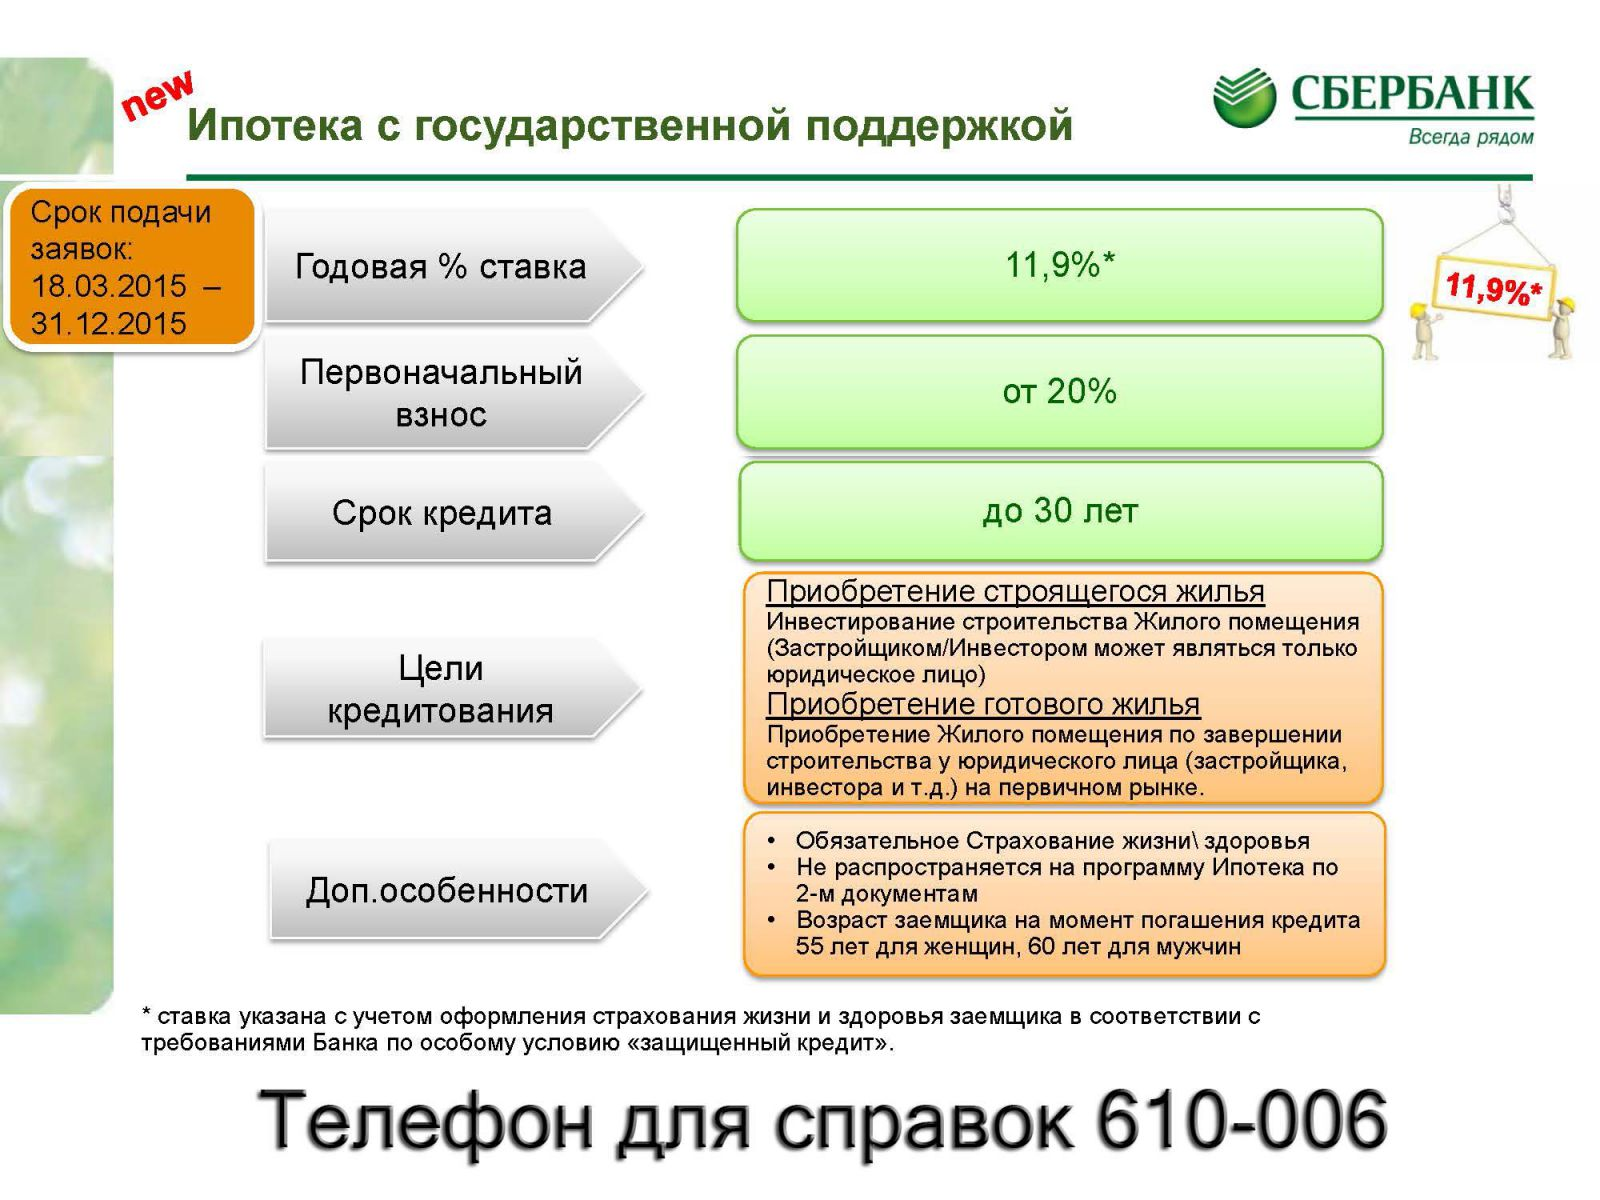 Ижевск сбербанк ипотека кредит